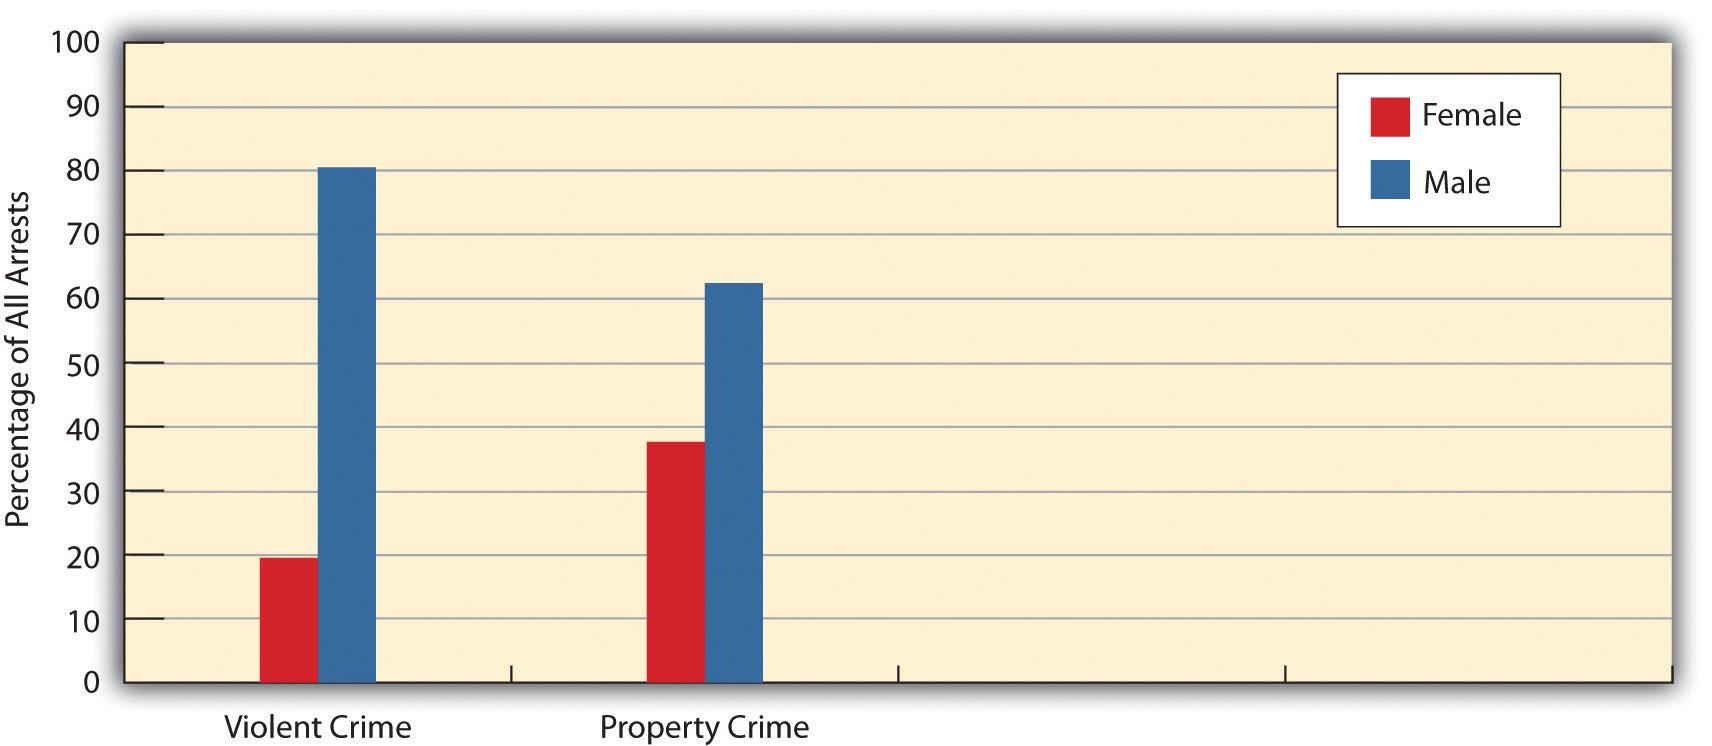 dissertation on crime and gender essay